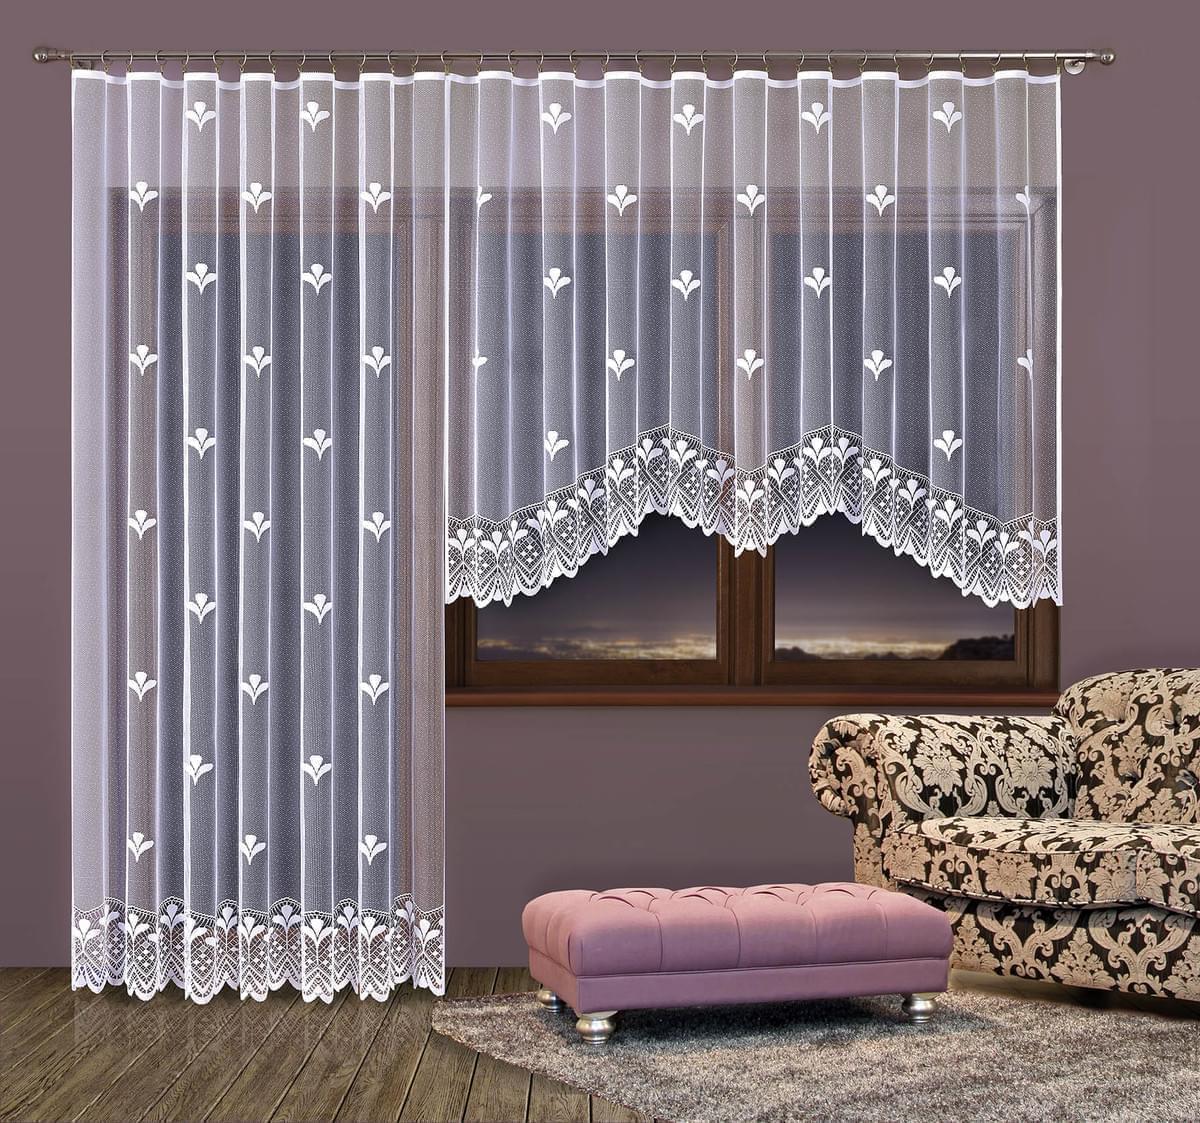 Forbyt, Hotová záclona nebo Balkonový komplet, Petra 200 x 250 cm